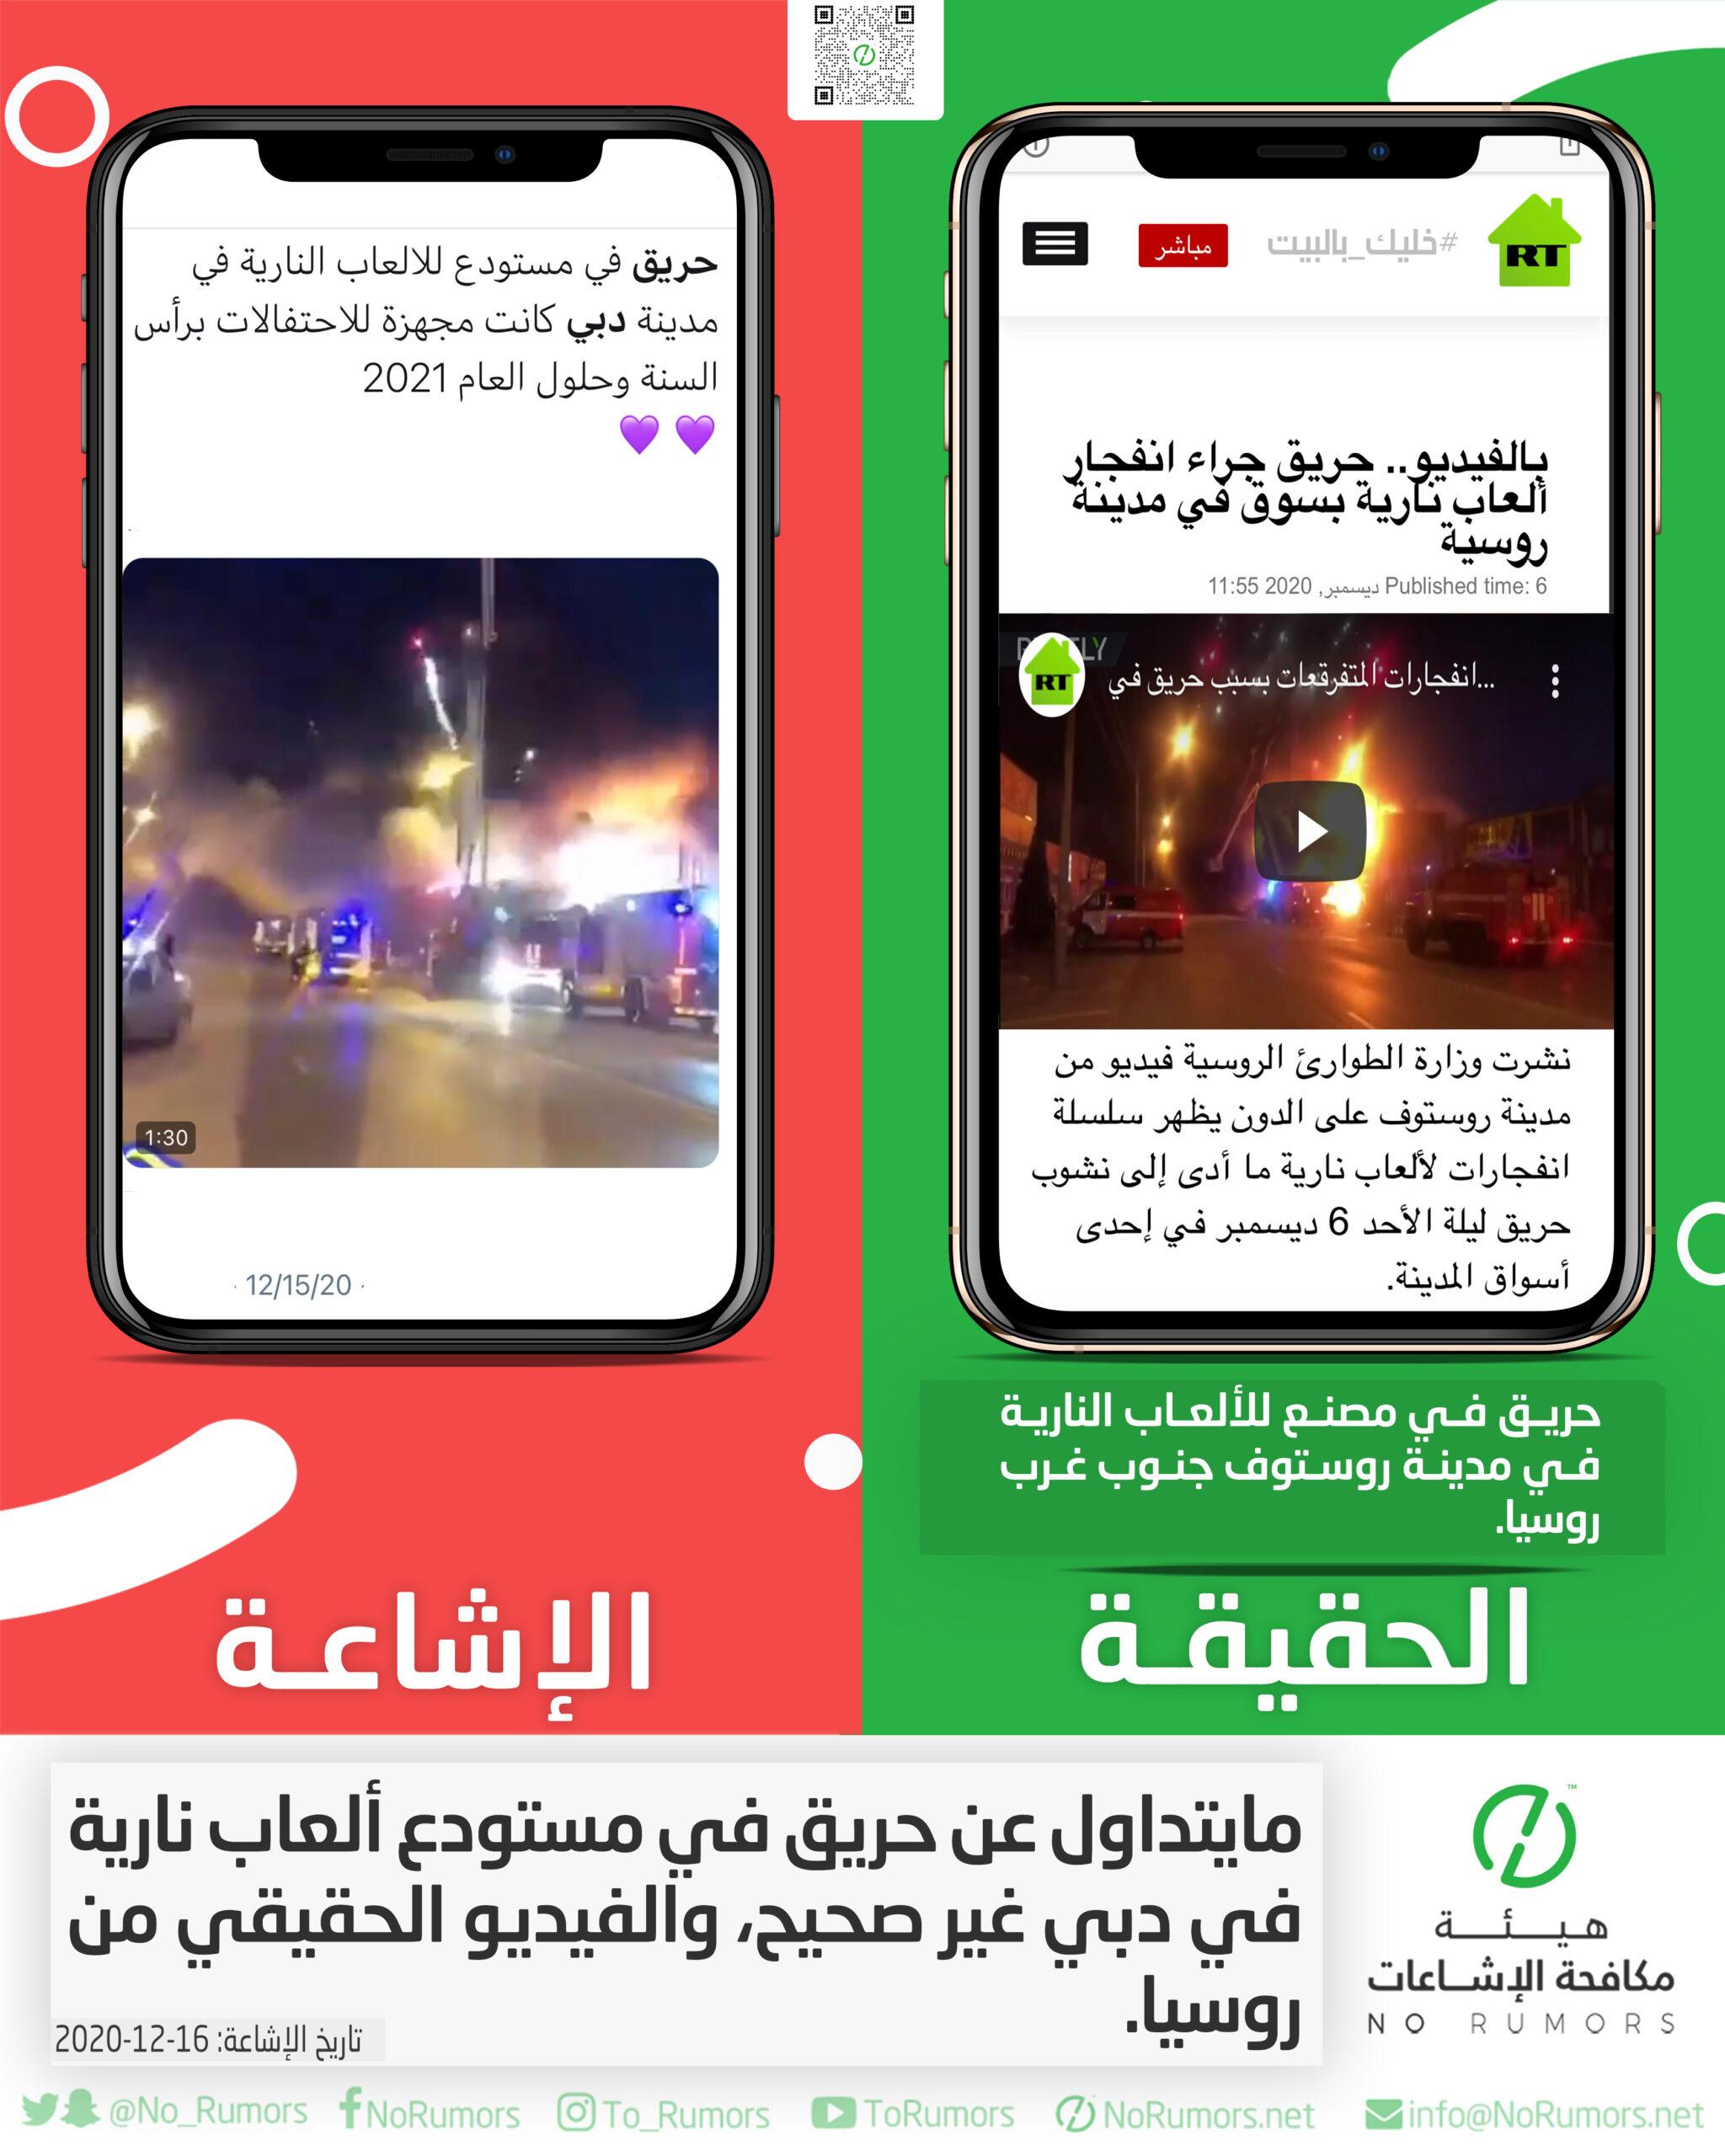 حقيقة مايتداول عن حريق في مستودع ألعاب نارية في دبي